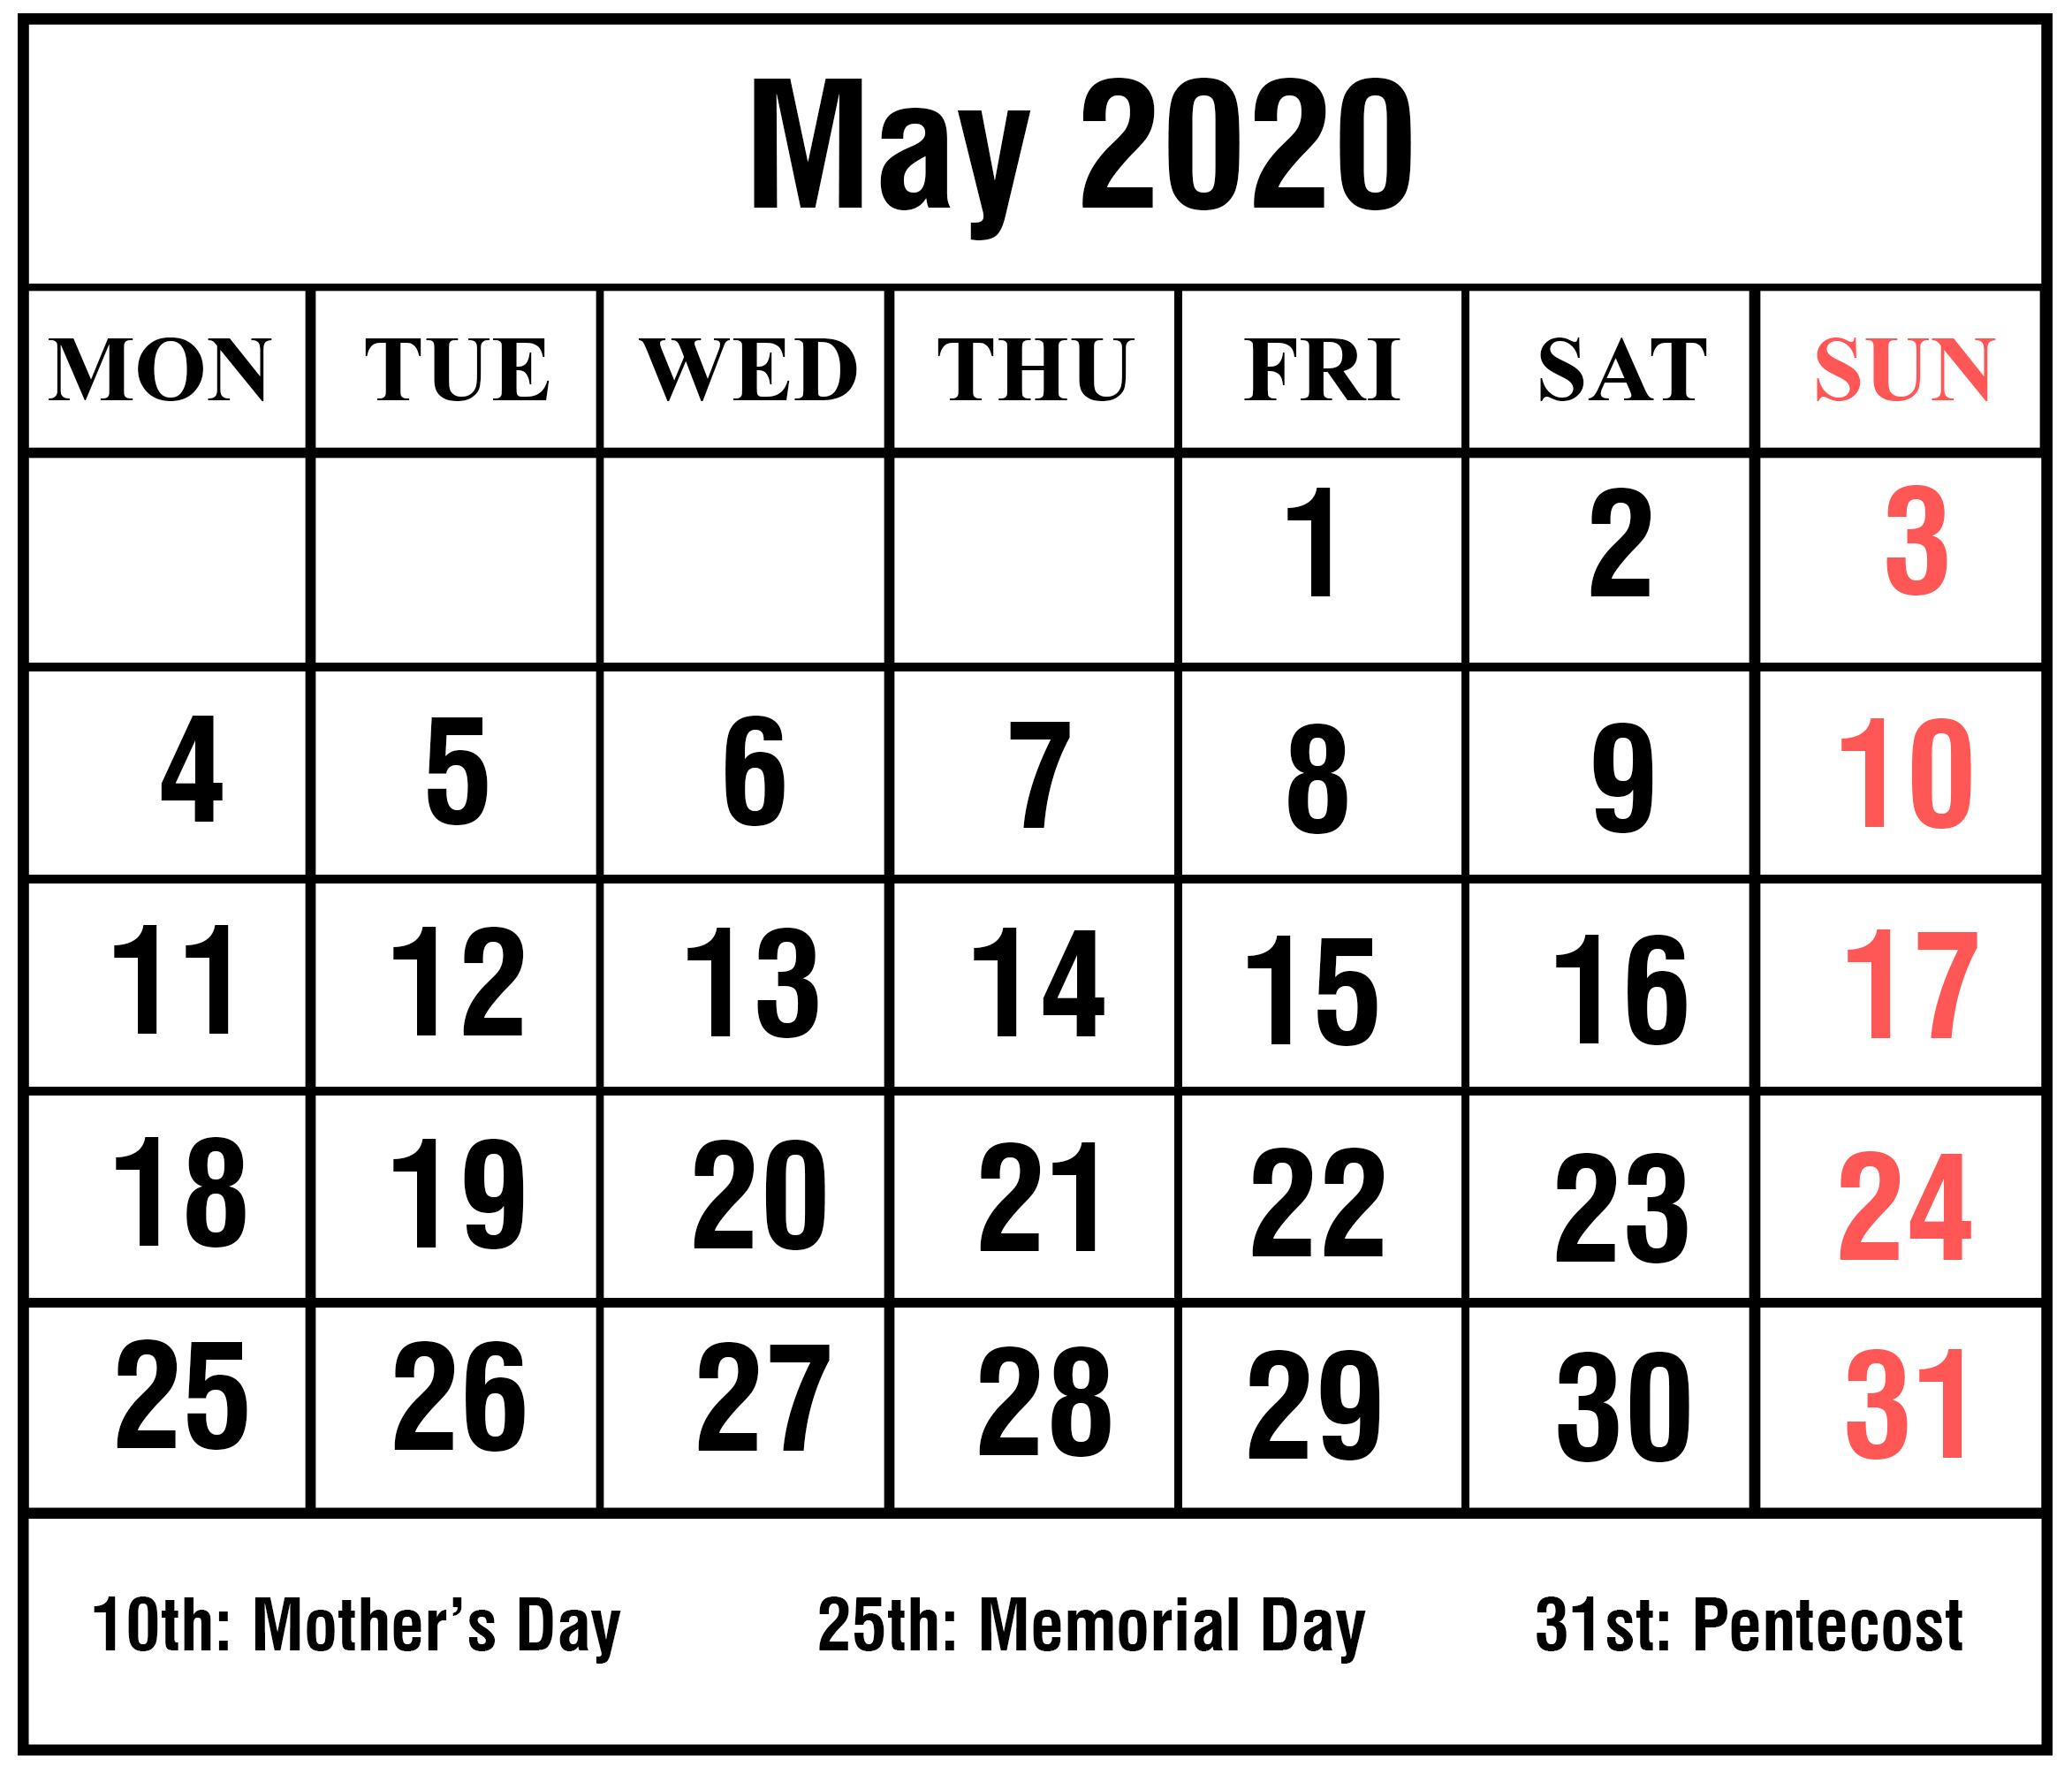 Holidays Calendar Template May 2020